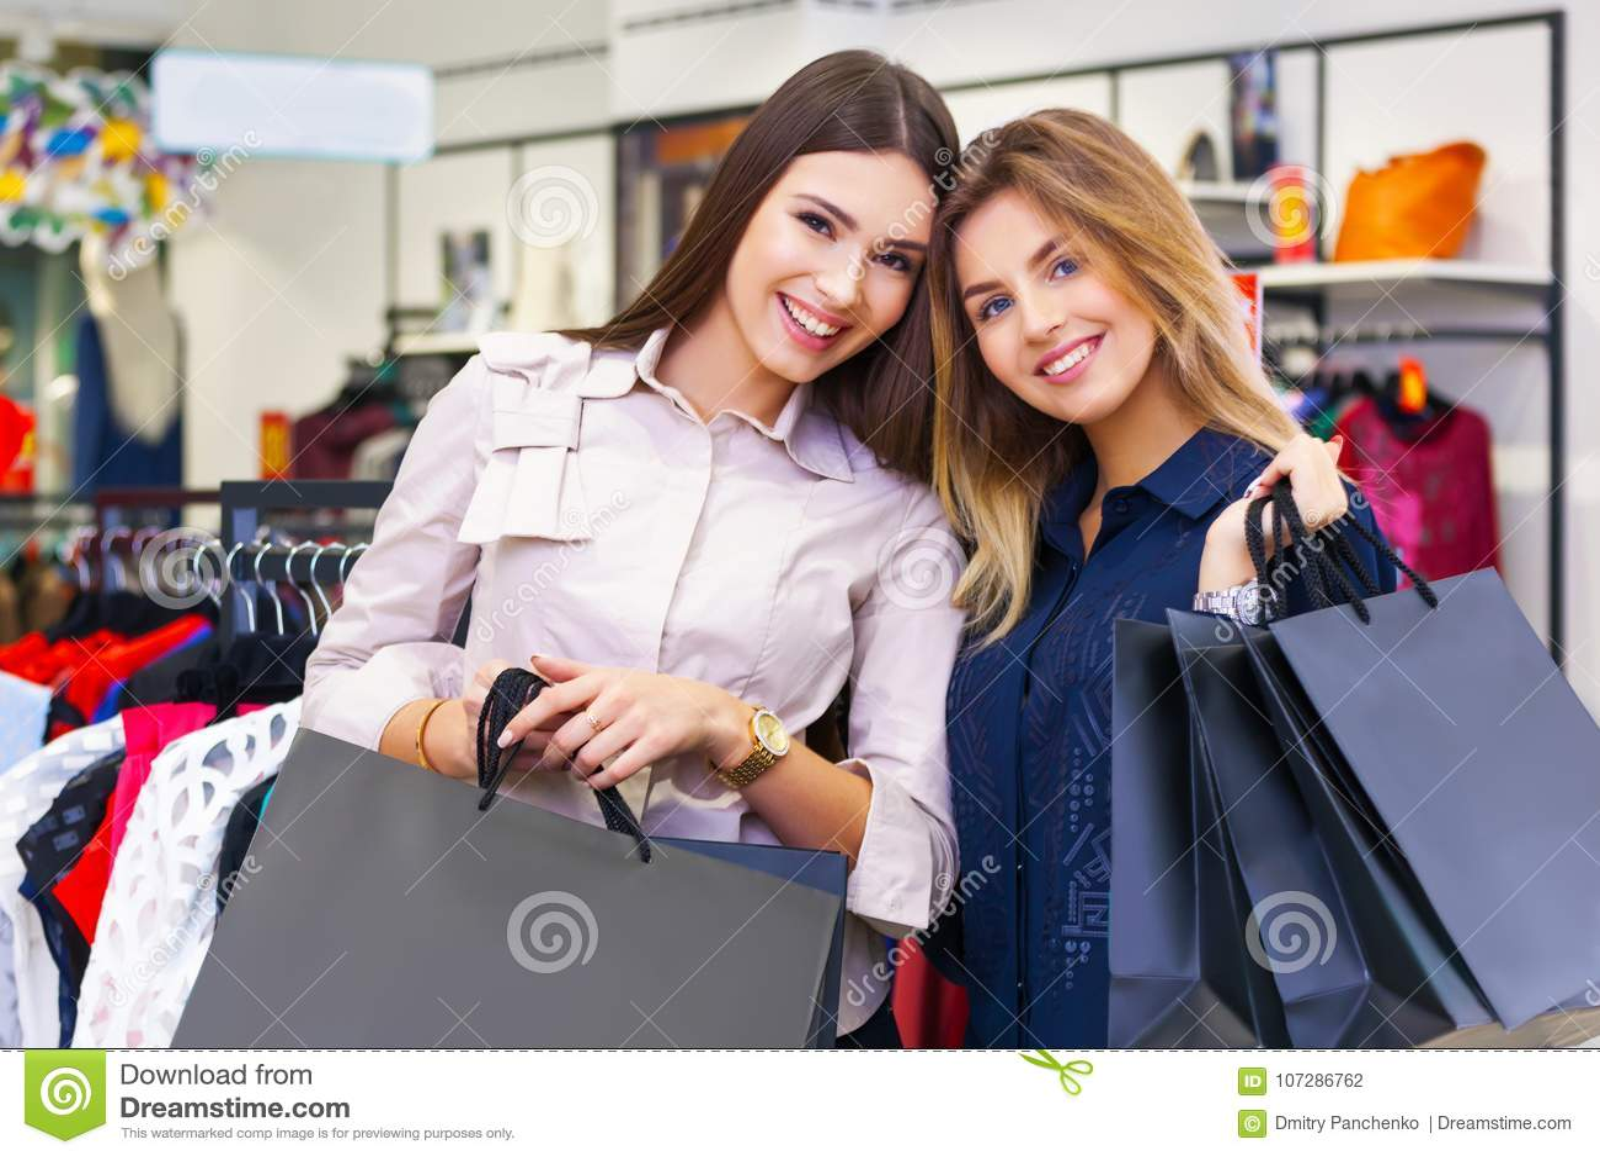 450cb8373f2 Shot Of A Beautiful Young Women Going Shopping. Stock Photo - Image ...